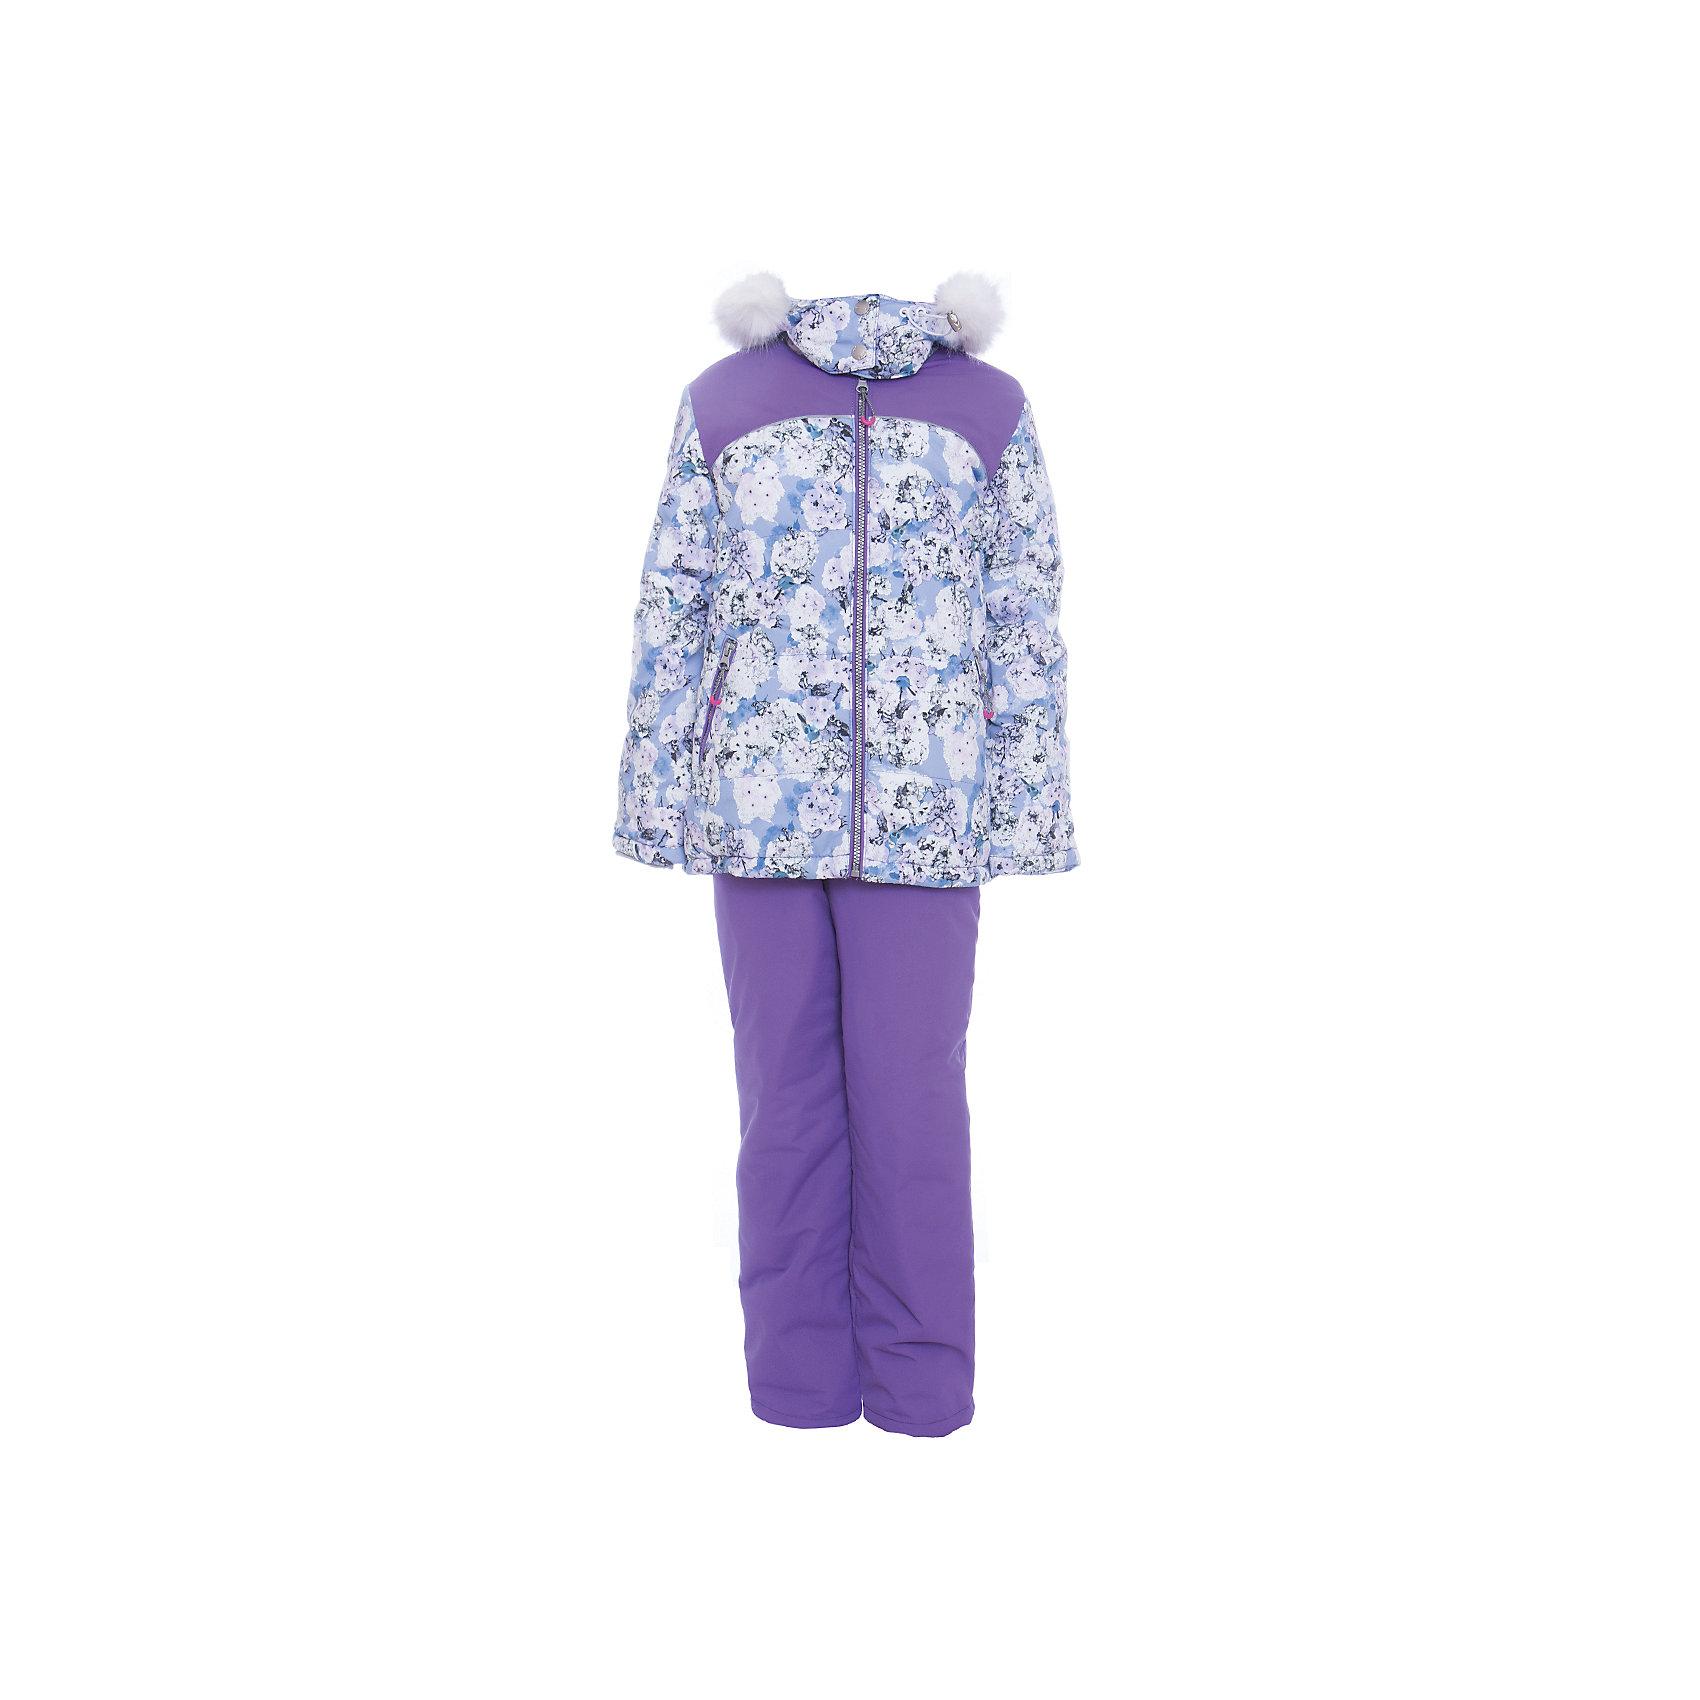 Комплект: куртка и полукомбенизон Ирина Batik для девочкиВерхняя одежда<br>Характеристики товара:<br><br>• цвет: сиреневый<br>• комплектация: куртка и полукомбинезон <br>• состав ткани: таслан<br>• подкладка: поларфлис<br>• утеплитель: слайтекс, синтепон <br>• сезон: зима<br>• мембранное покрытие<br>• температурный режим: от -35 до 0<br>• водонепроницаемость: 5000 мм <br>• паропроницаемость: 5000 г/м2<br>• плотность утеплителя: куртка - 300 г/м2, полукомбинезон - 200 г/м2<br>• застежка: молния<br>• капюшон: с мехом, отстегивается<br>• встроенный термодатчик<br>• страна бренда: Россия<br>• страна изготовитель: Россия<br><br>Модный зимний комплект Batik для девочки оснащен функциональными элементами, обеспечивающими тепло и комфорт. Капюшон, карманы, молния - всё это делает зимний комплект очень удобным. Верх мембранного комплекта плотный и износостойкий, подкладка детского комплекта сделана из мягкого теплого материала.<br><br>Комплект: куртка и полукомбинезон Ирина Batik (Батик) для девочки можно купить в нашем интернет-магазине.<br><br>Ширина мм: 356<br>Глубина мм: 10<br>Высота мм: 245<br>Вес г: 519<br>Цвет: лиловый<br>Возраст от месяцев: 96<br>Возраст до месяцев: 108<br>Пол: Женский<br>Возраст: Детский<br>Размер: 134,110,116,122,128<br>SKU: 7028188